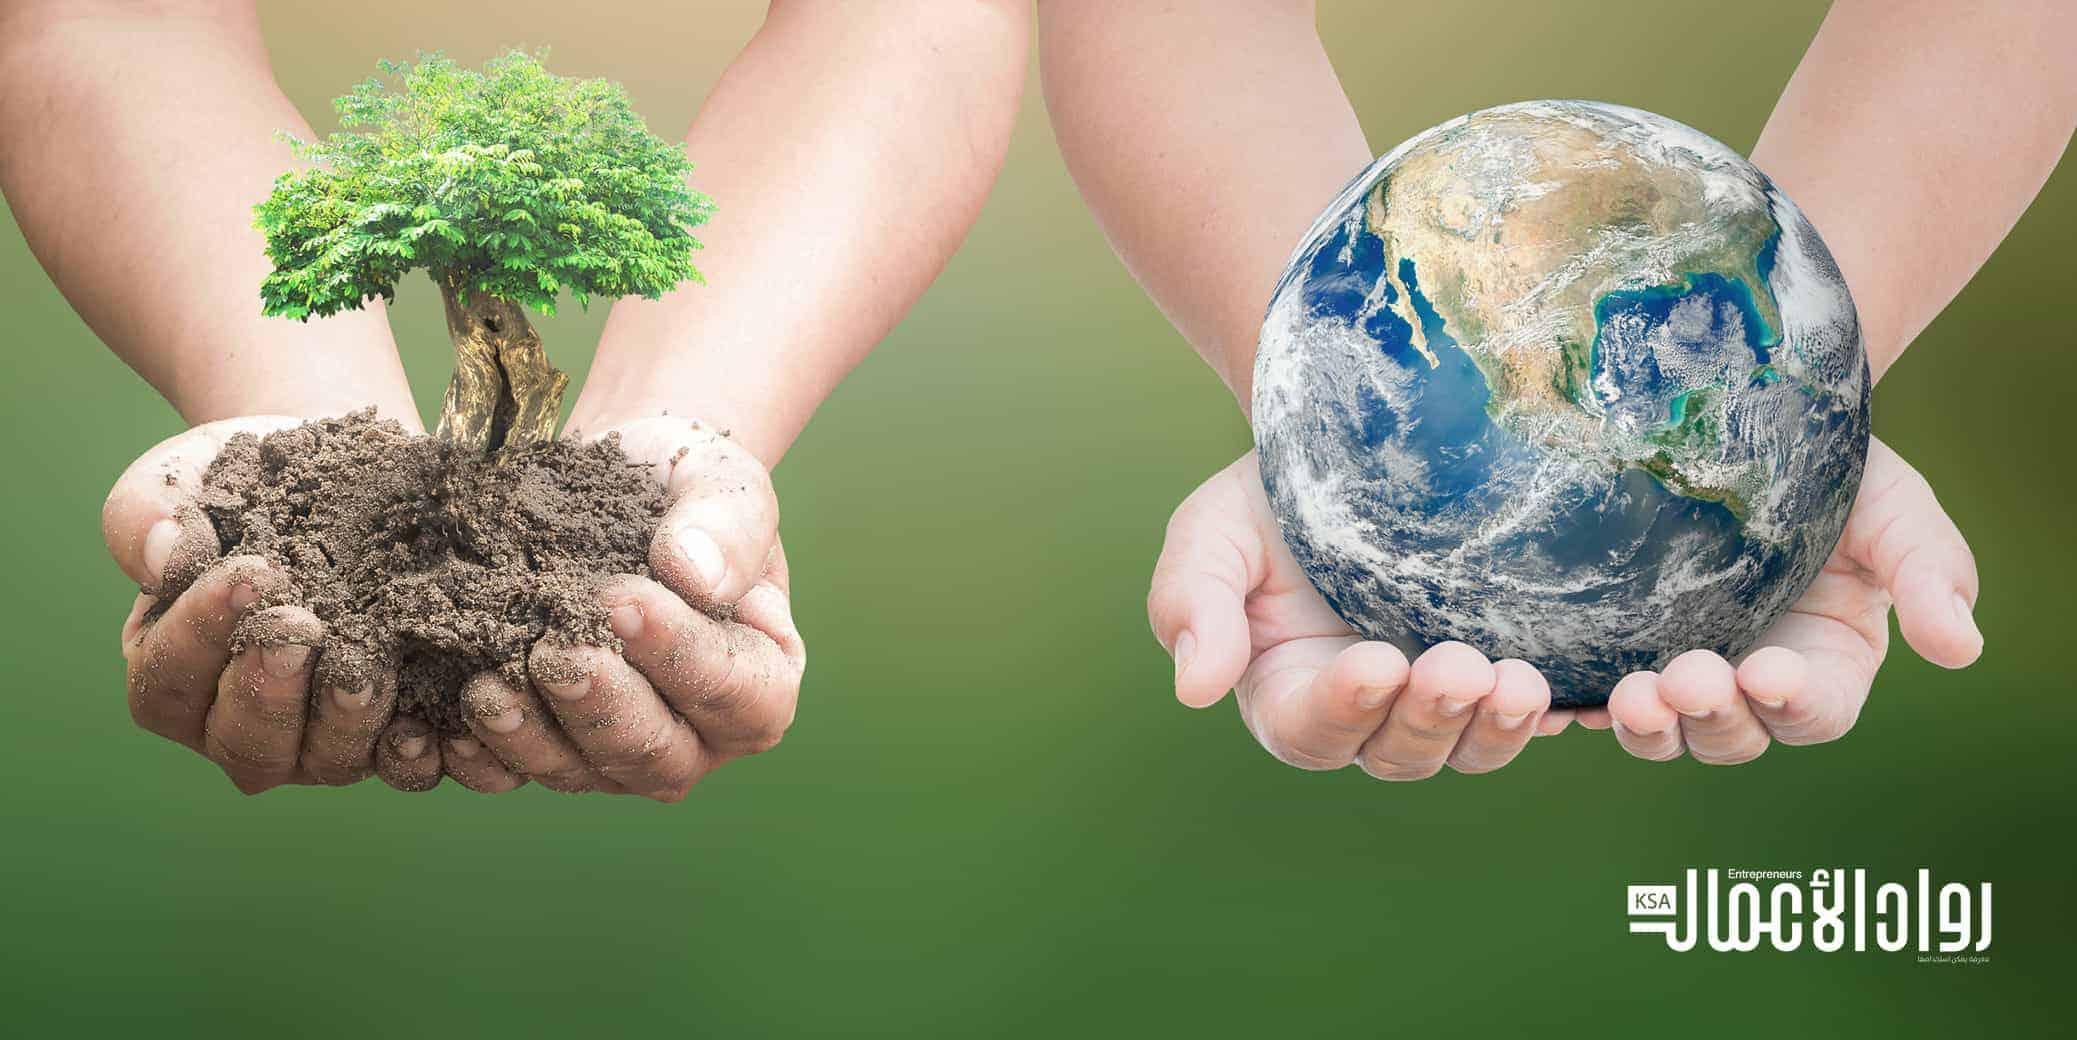 المشروعات الصديقة للبيئة